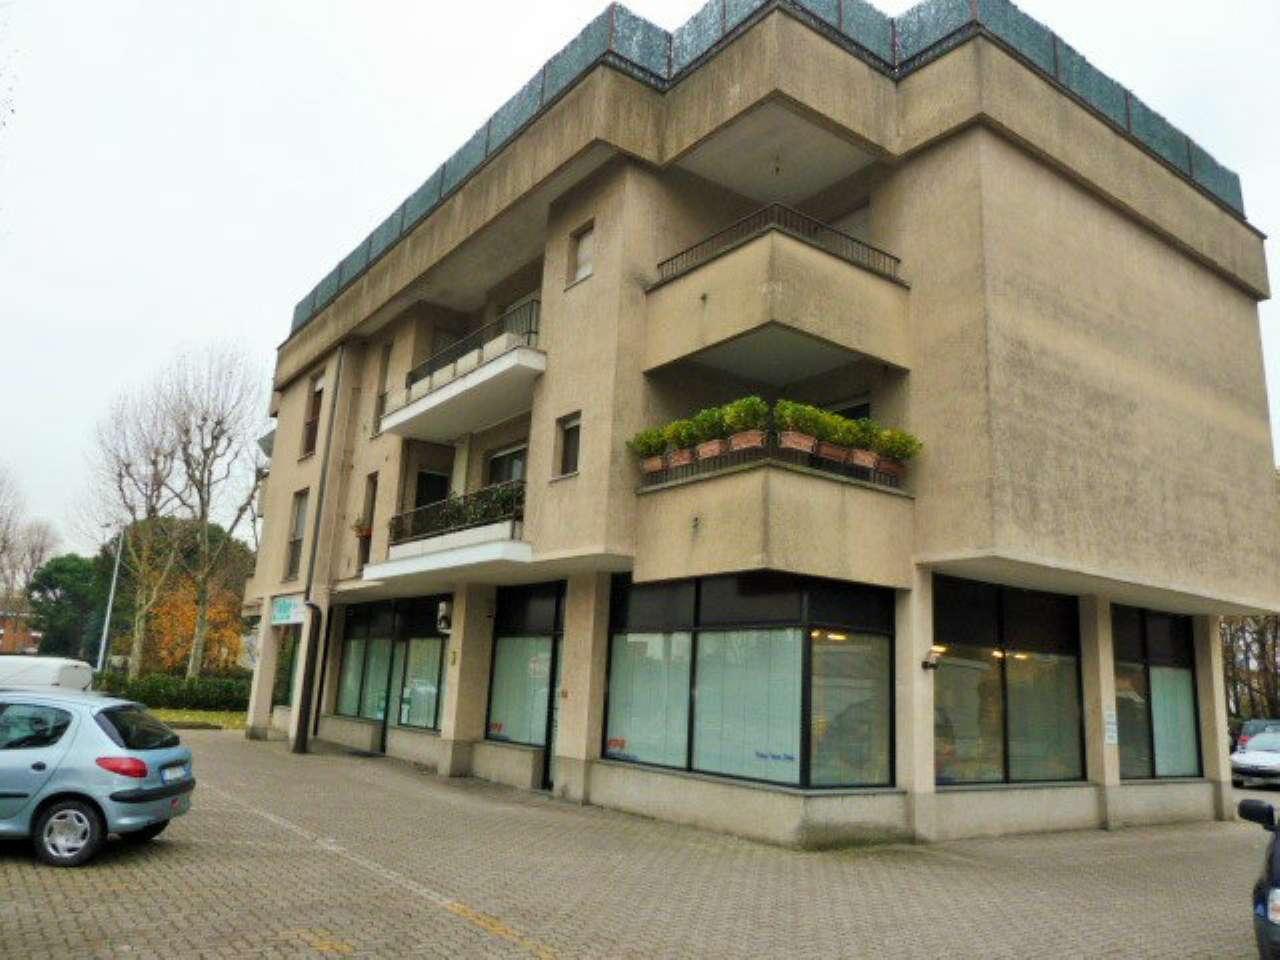 Appartamento in vendita a Saronno, 3 locali, prezzo € 190.000 | CambioCasa.it